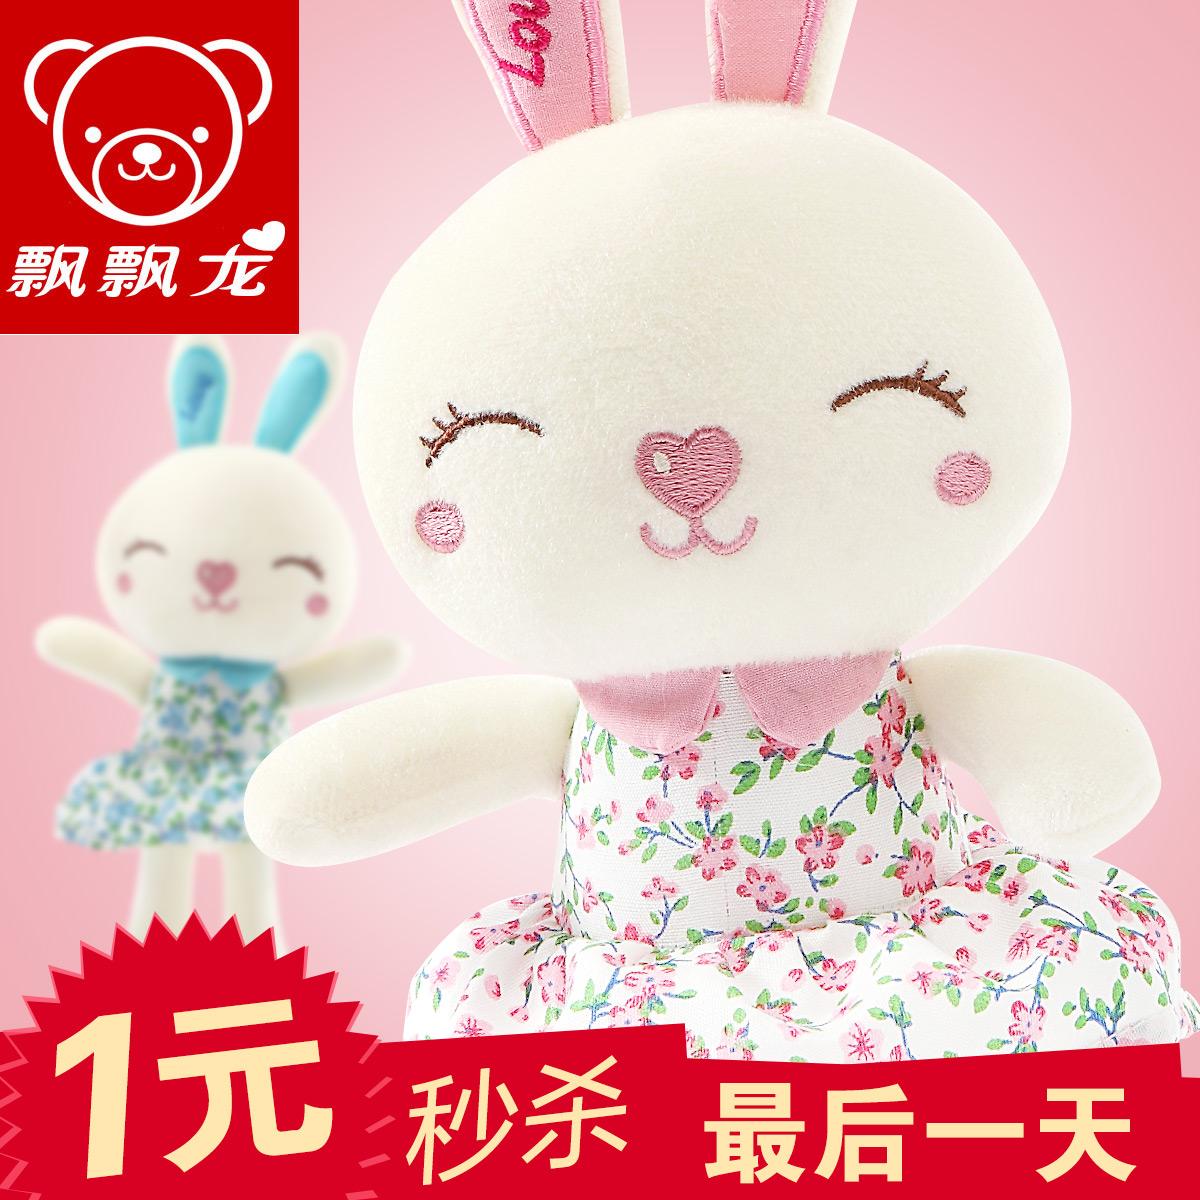 香味兔薰衣草小兔子大号毛绒玩具兔公仔萌萌兔玩偶娃娃生日礼物女 ¥:48.00 已售128件 (有385人评论)